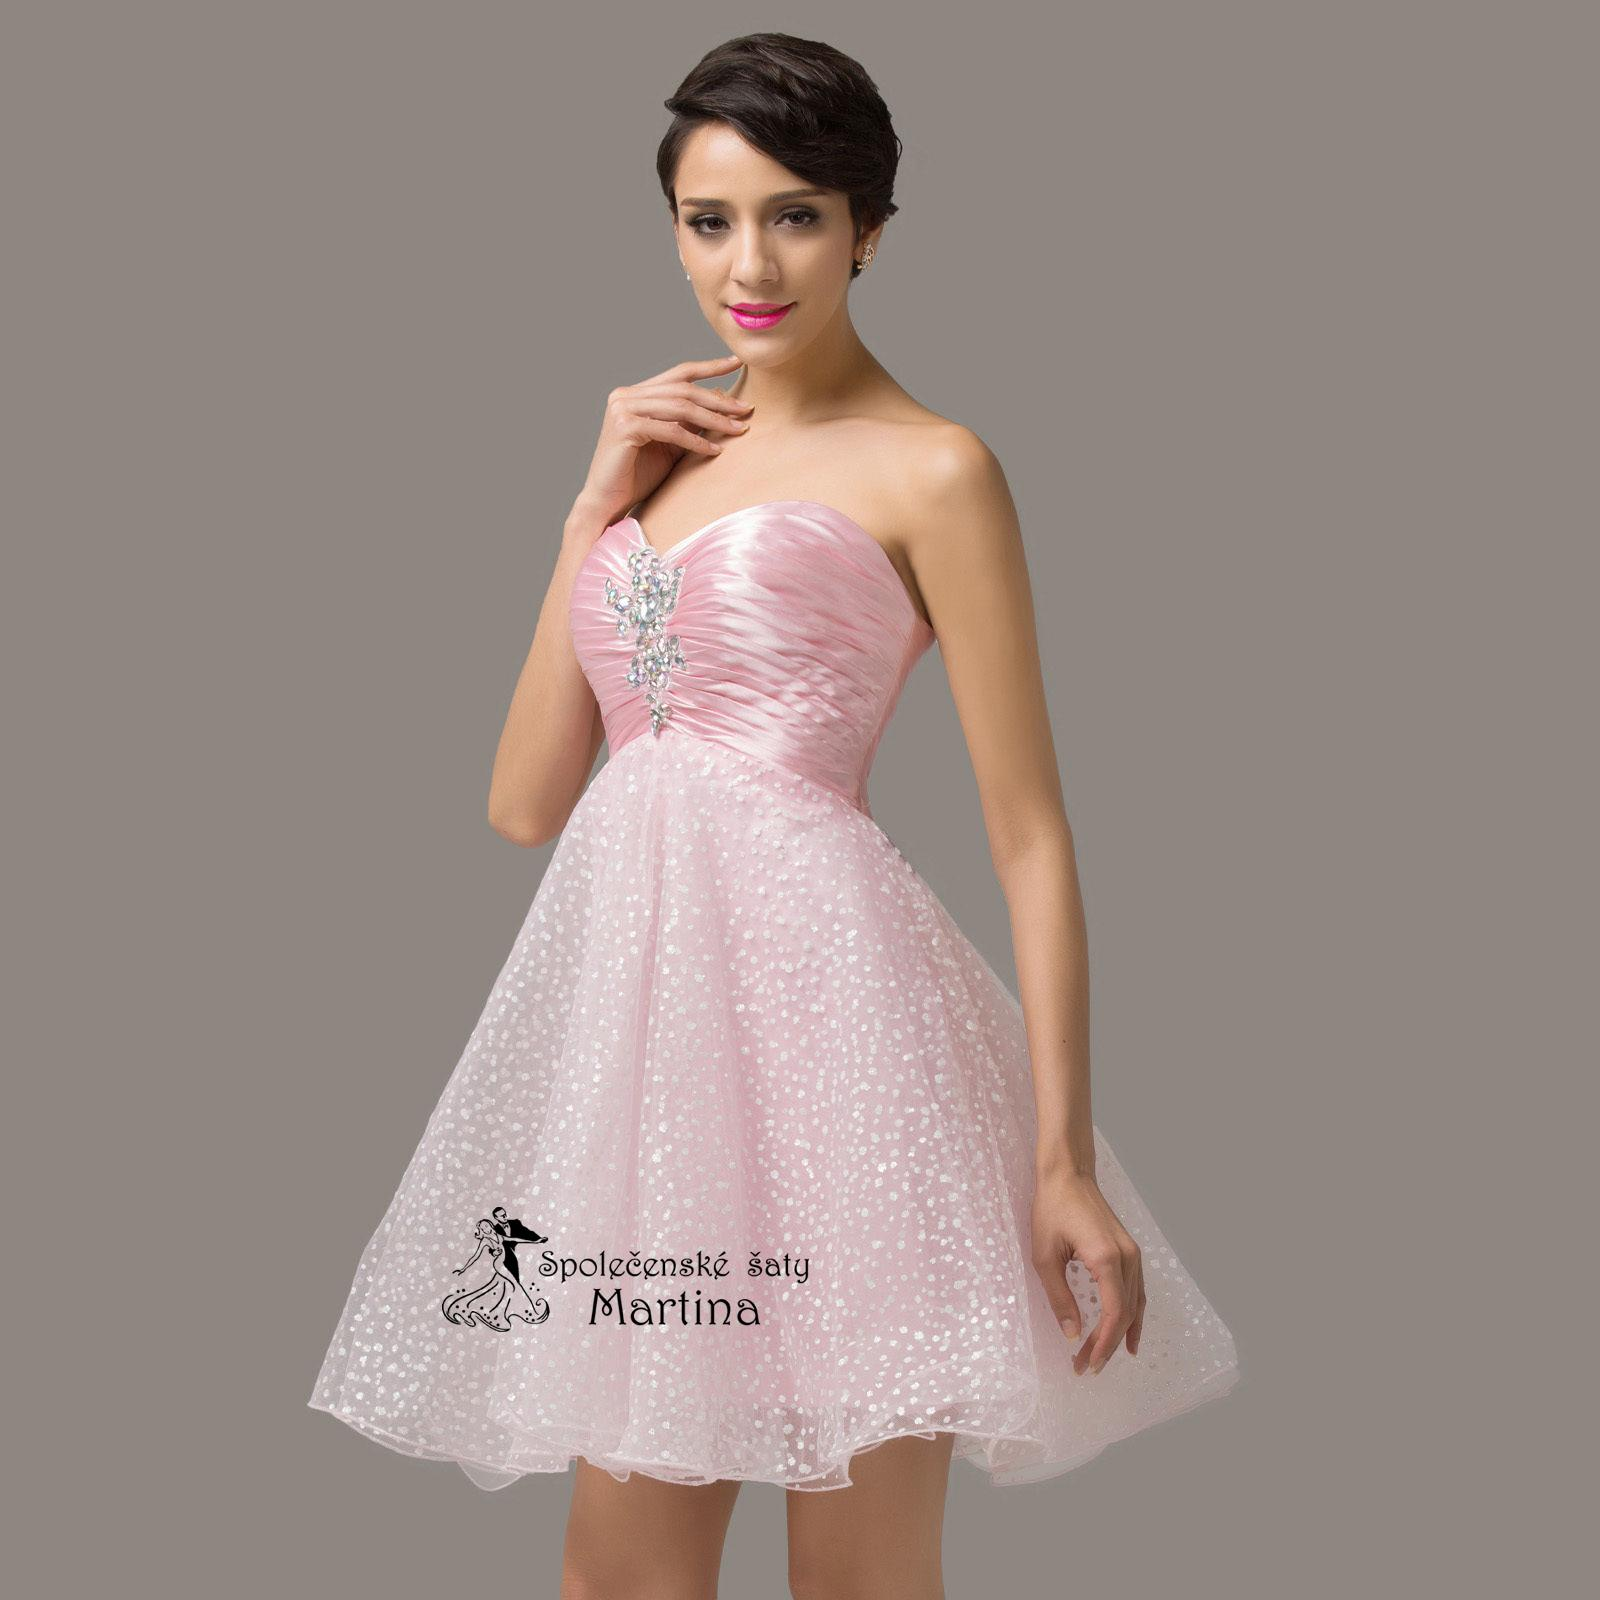 292399b60c2 Společenské-maturitní-plesové šaty-do tanečních